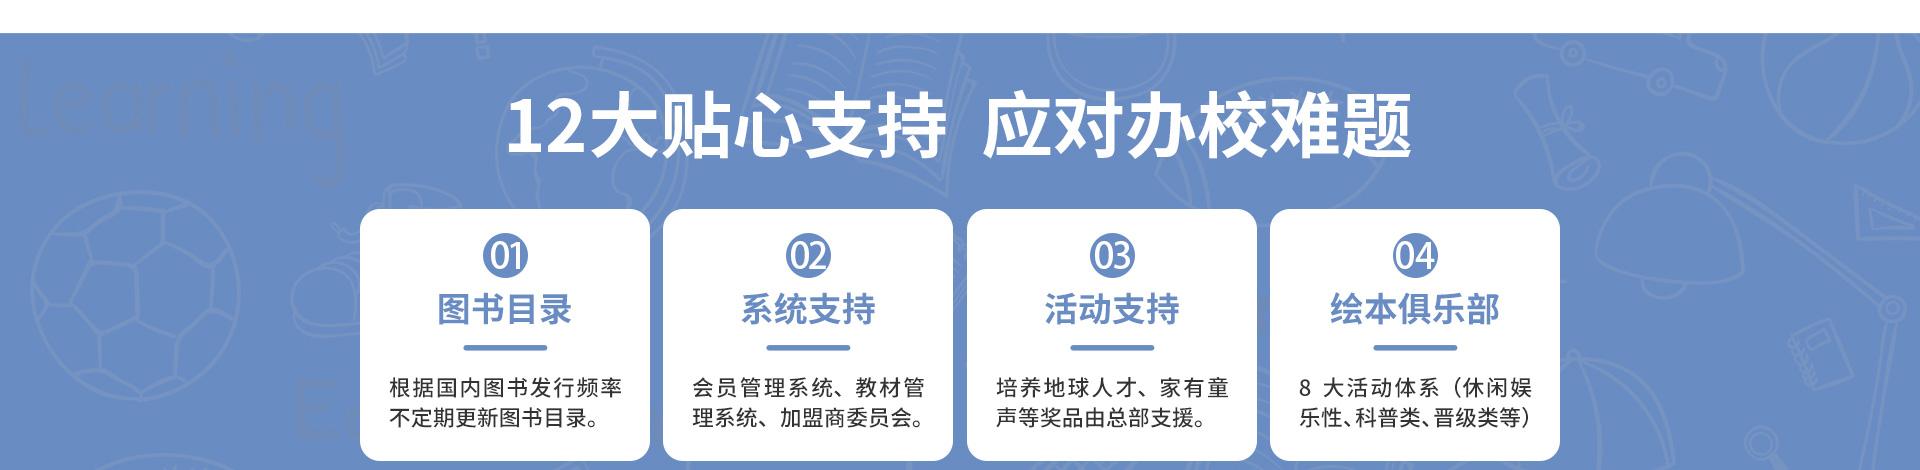 快乐书童阅读馆PC-快乐书童-许小琥_21